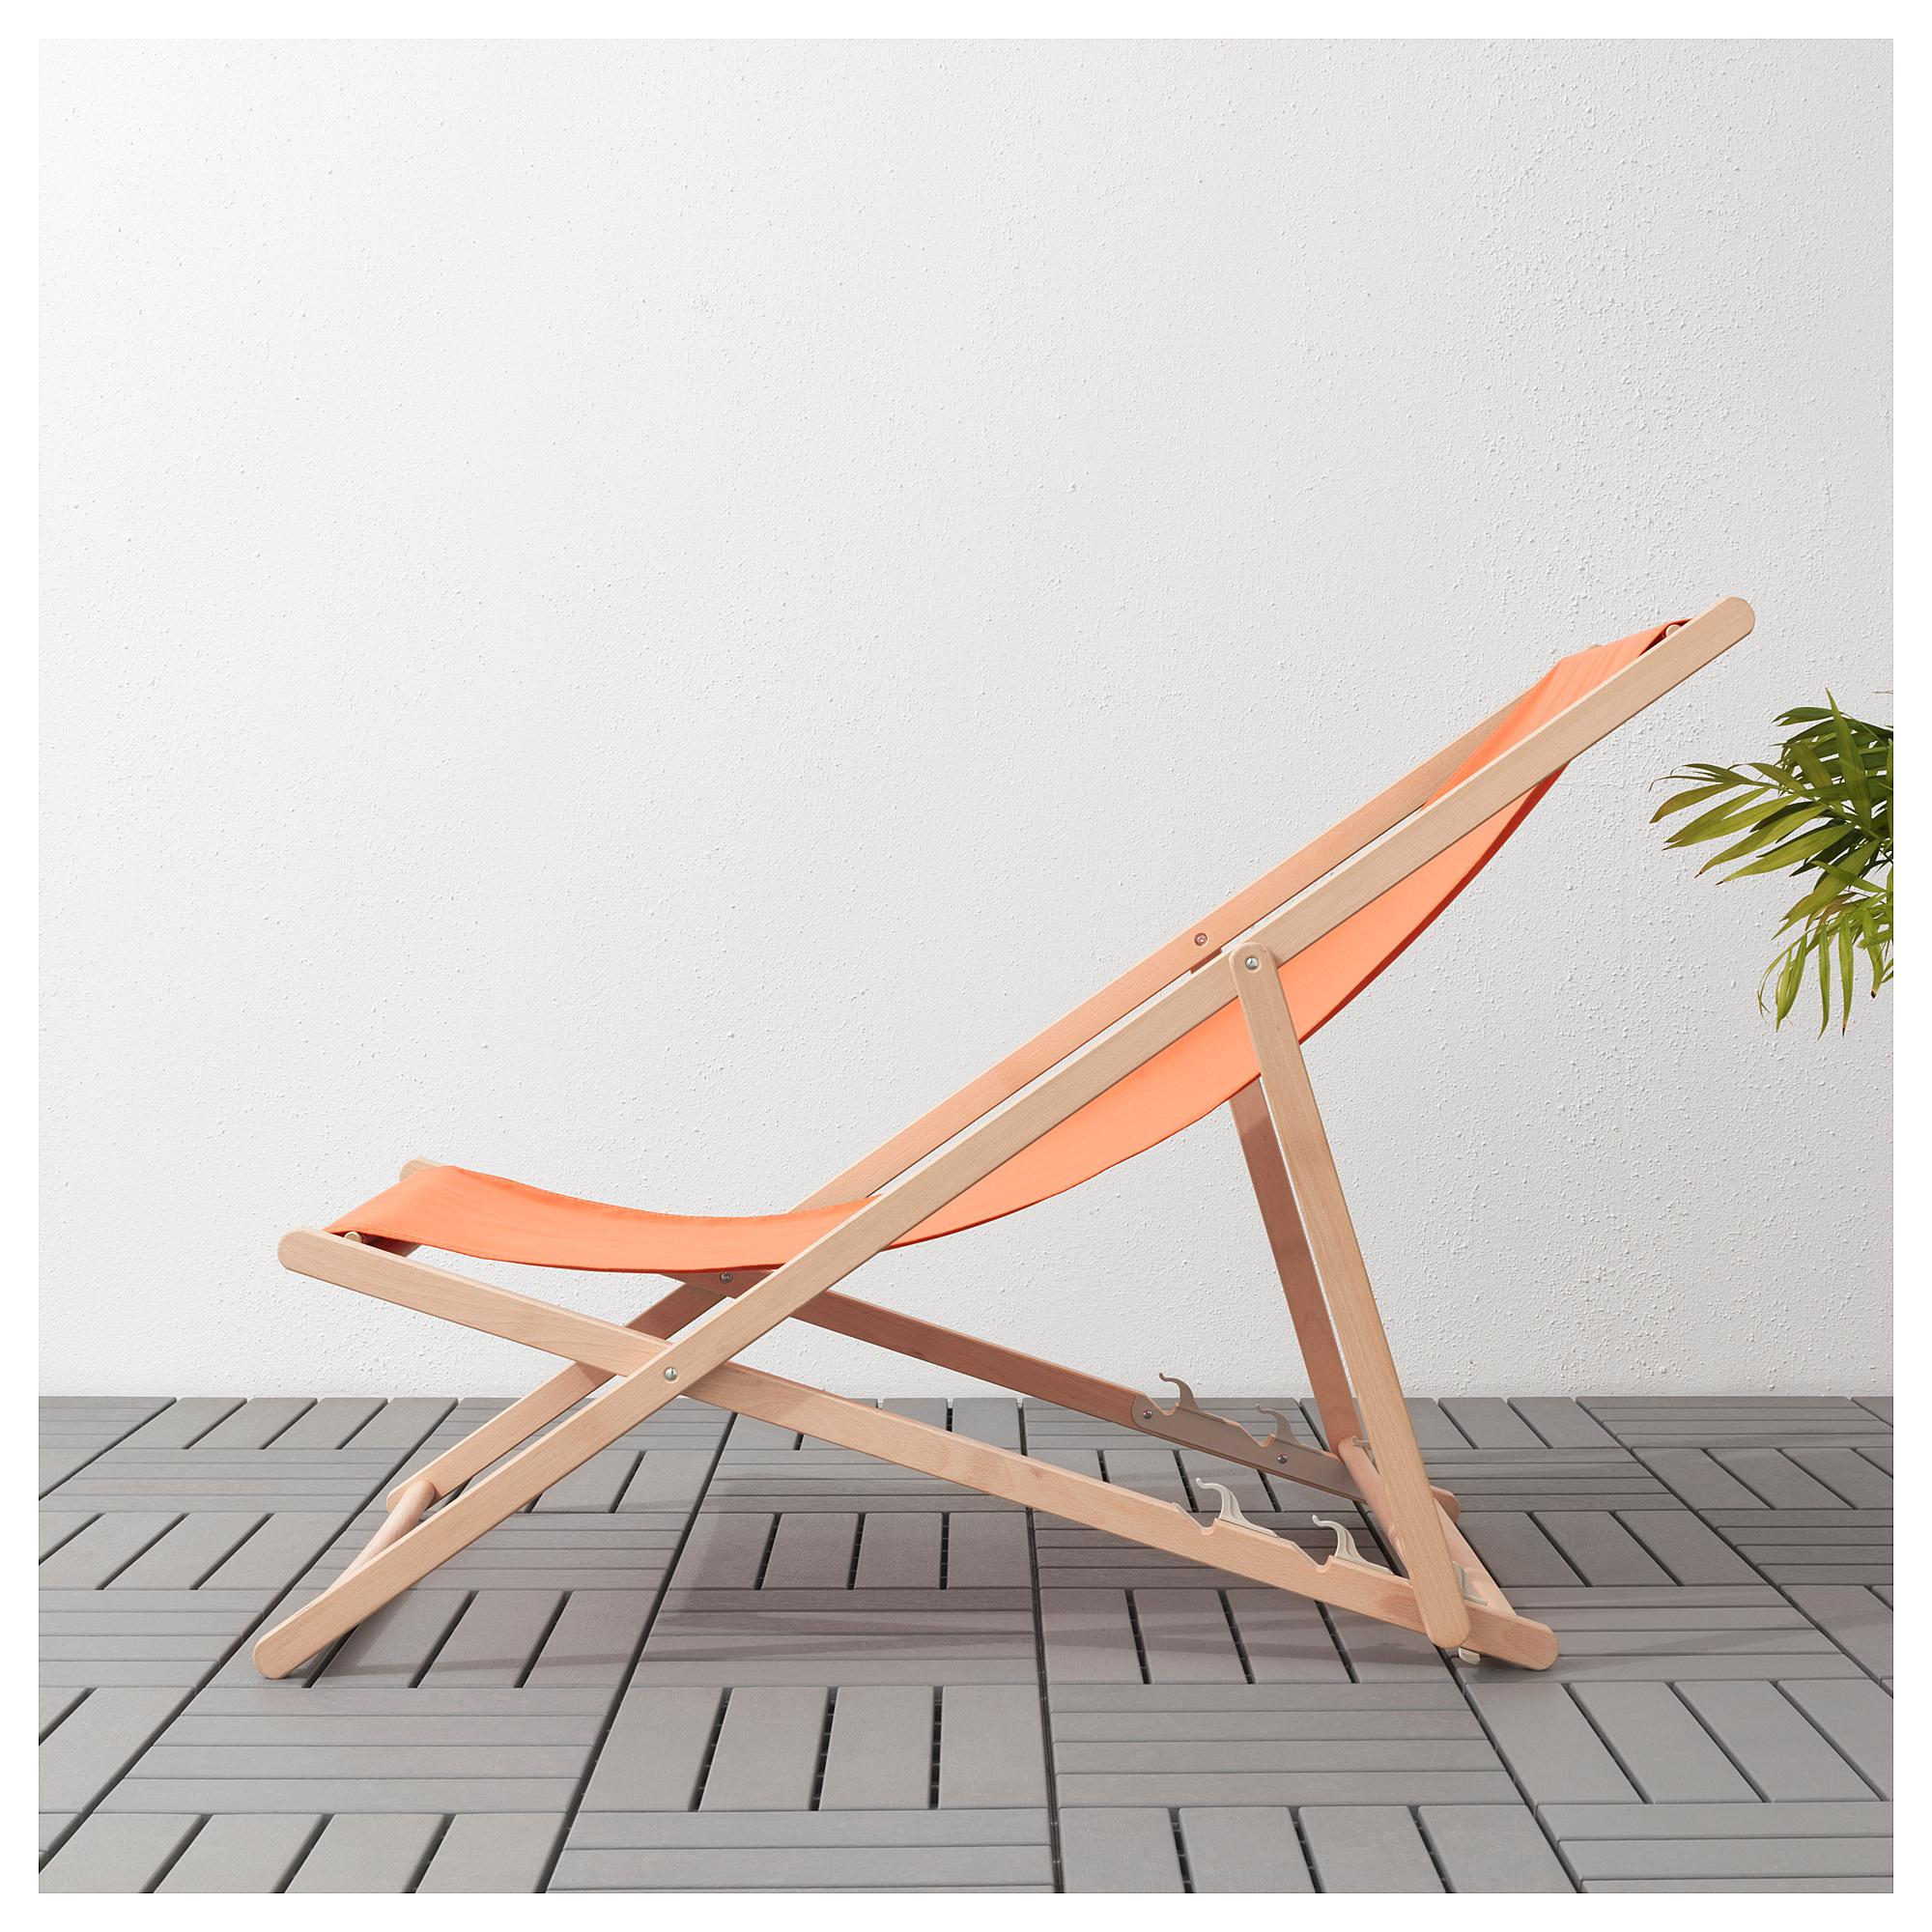 Пляжный стул МЮСИНГСО артикуль № 603.895.21 в наличии. Online сайт IKEA Минск. Недорогая доставка и соборка.